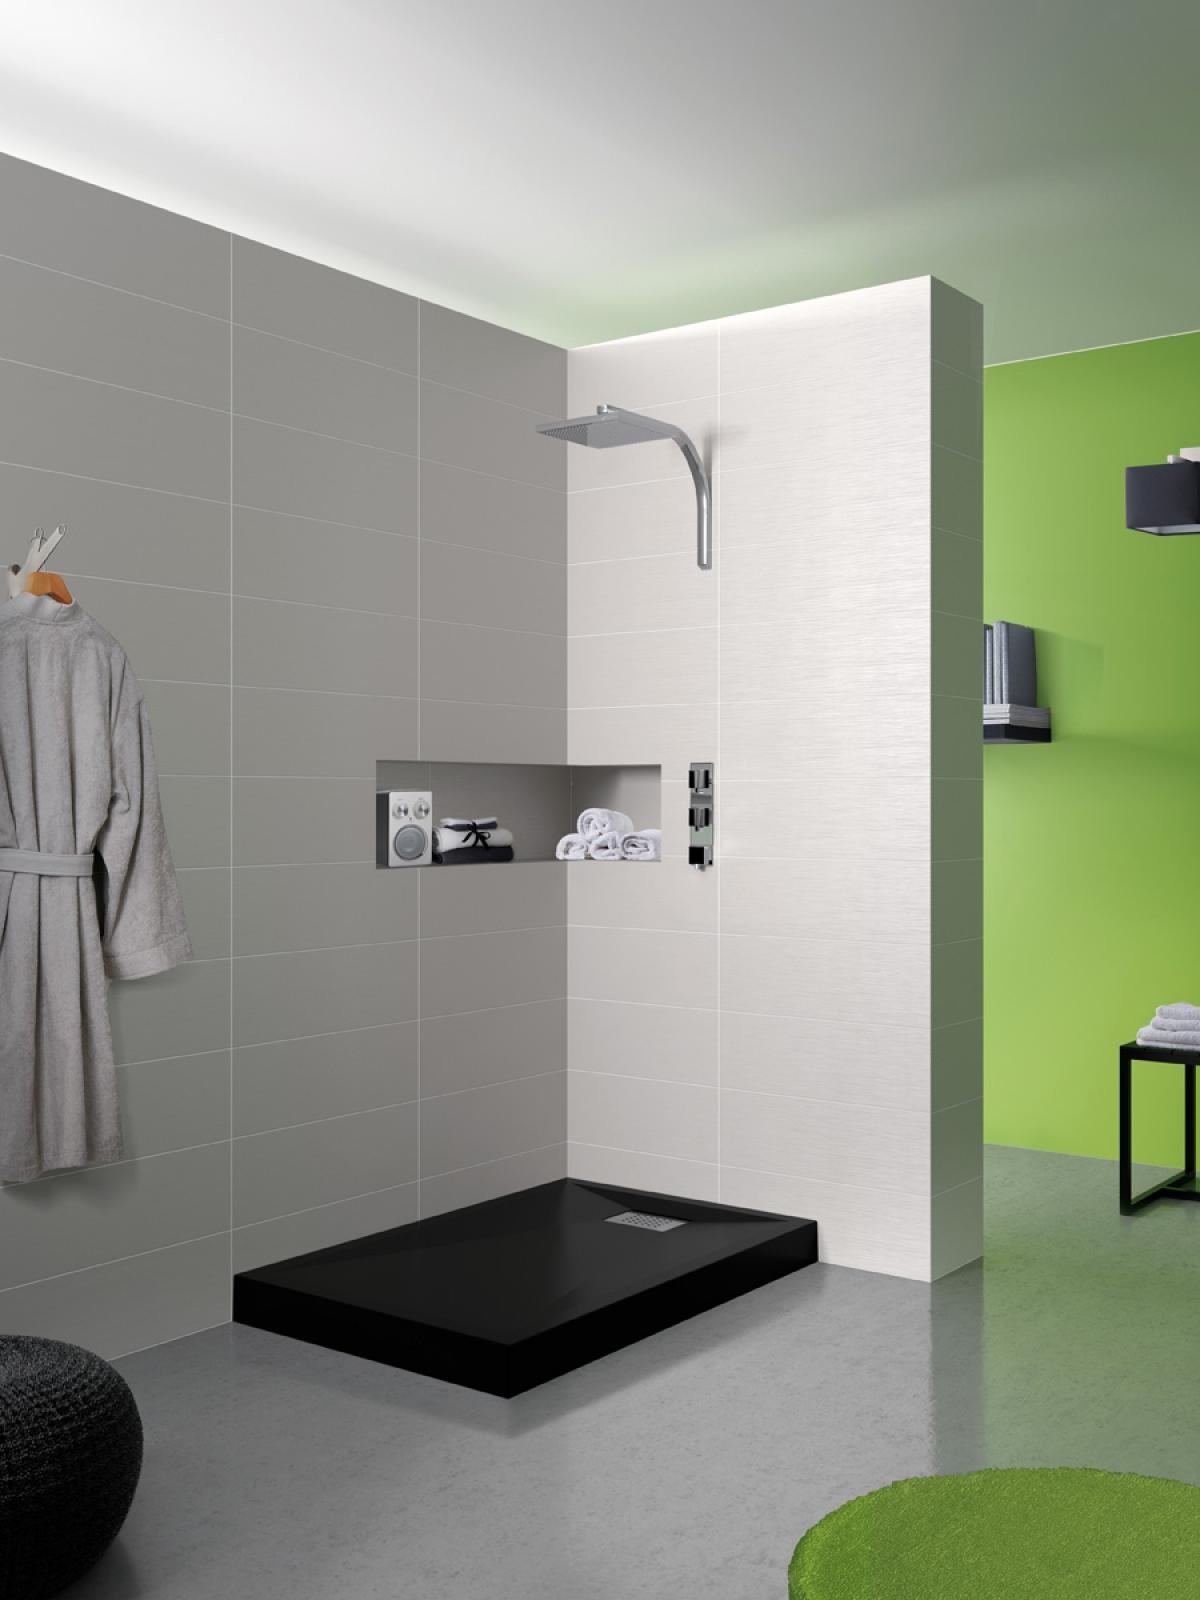 Receveur de douche color kinesurf kinedo induscabel salle de bains chauffage et cuisine - Receveur de douche kinesurf ...